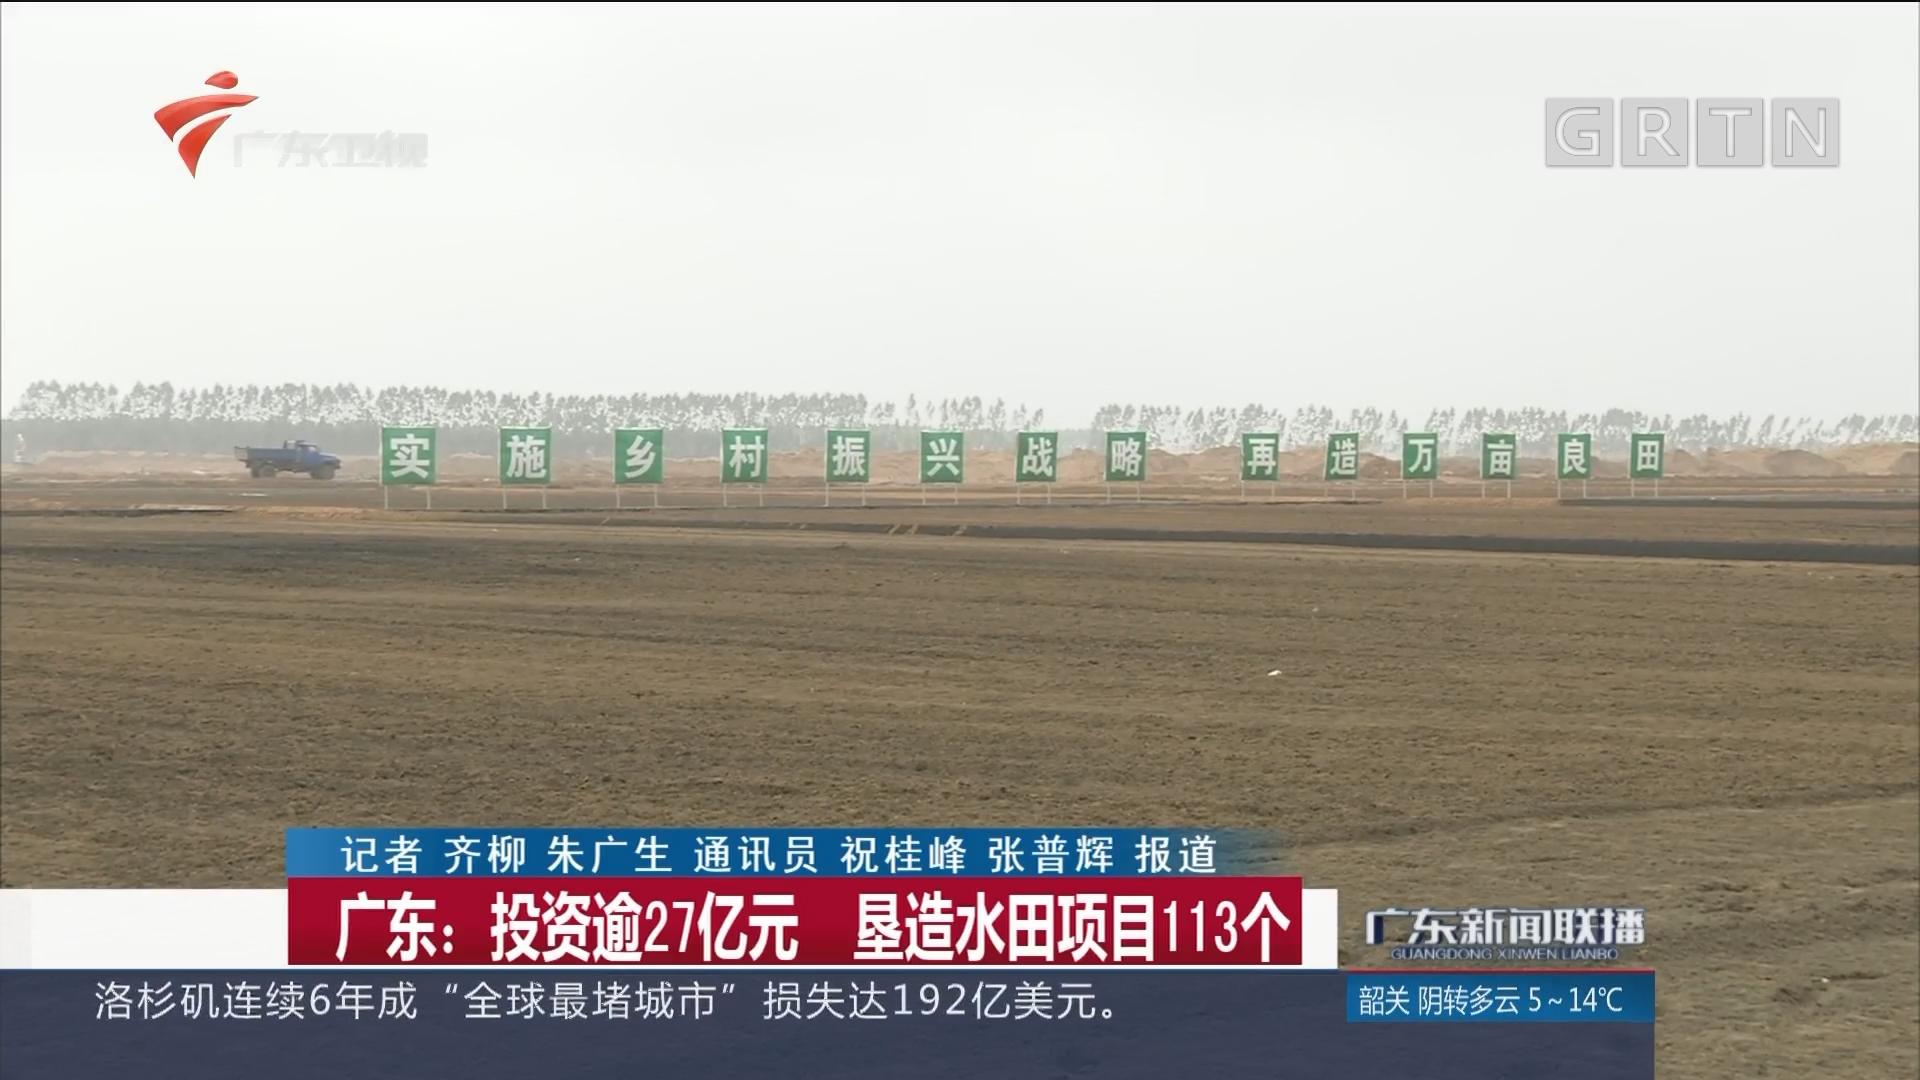 广东:投资逾27亿元 垦造水田项目113个